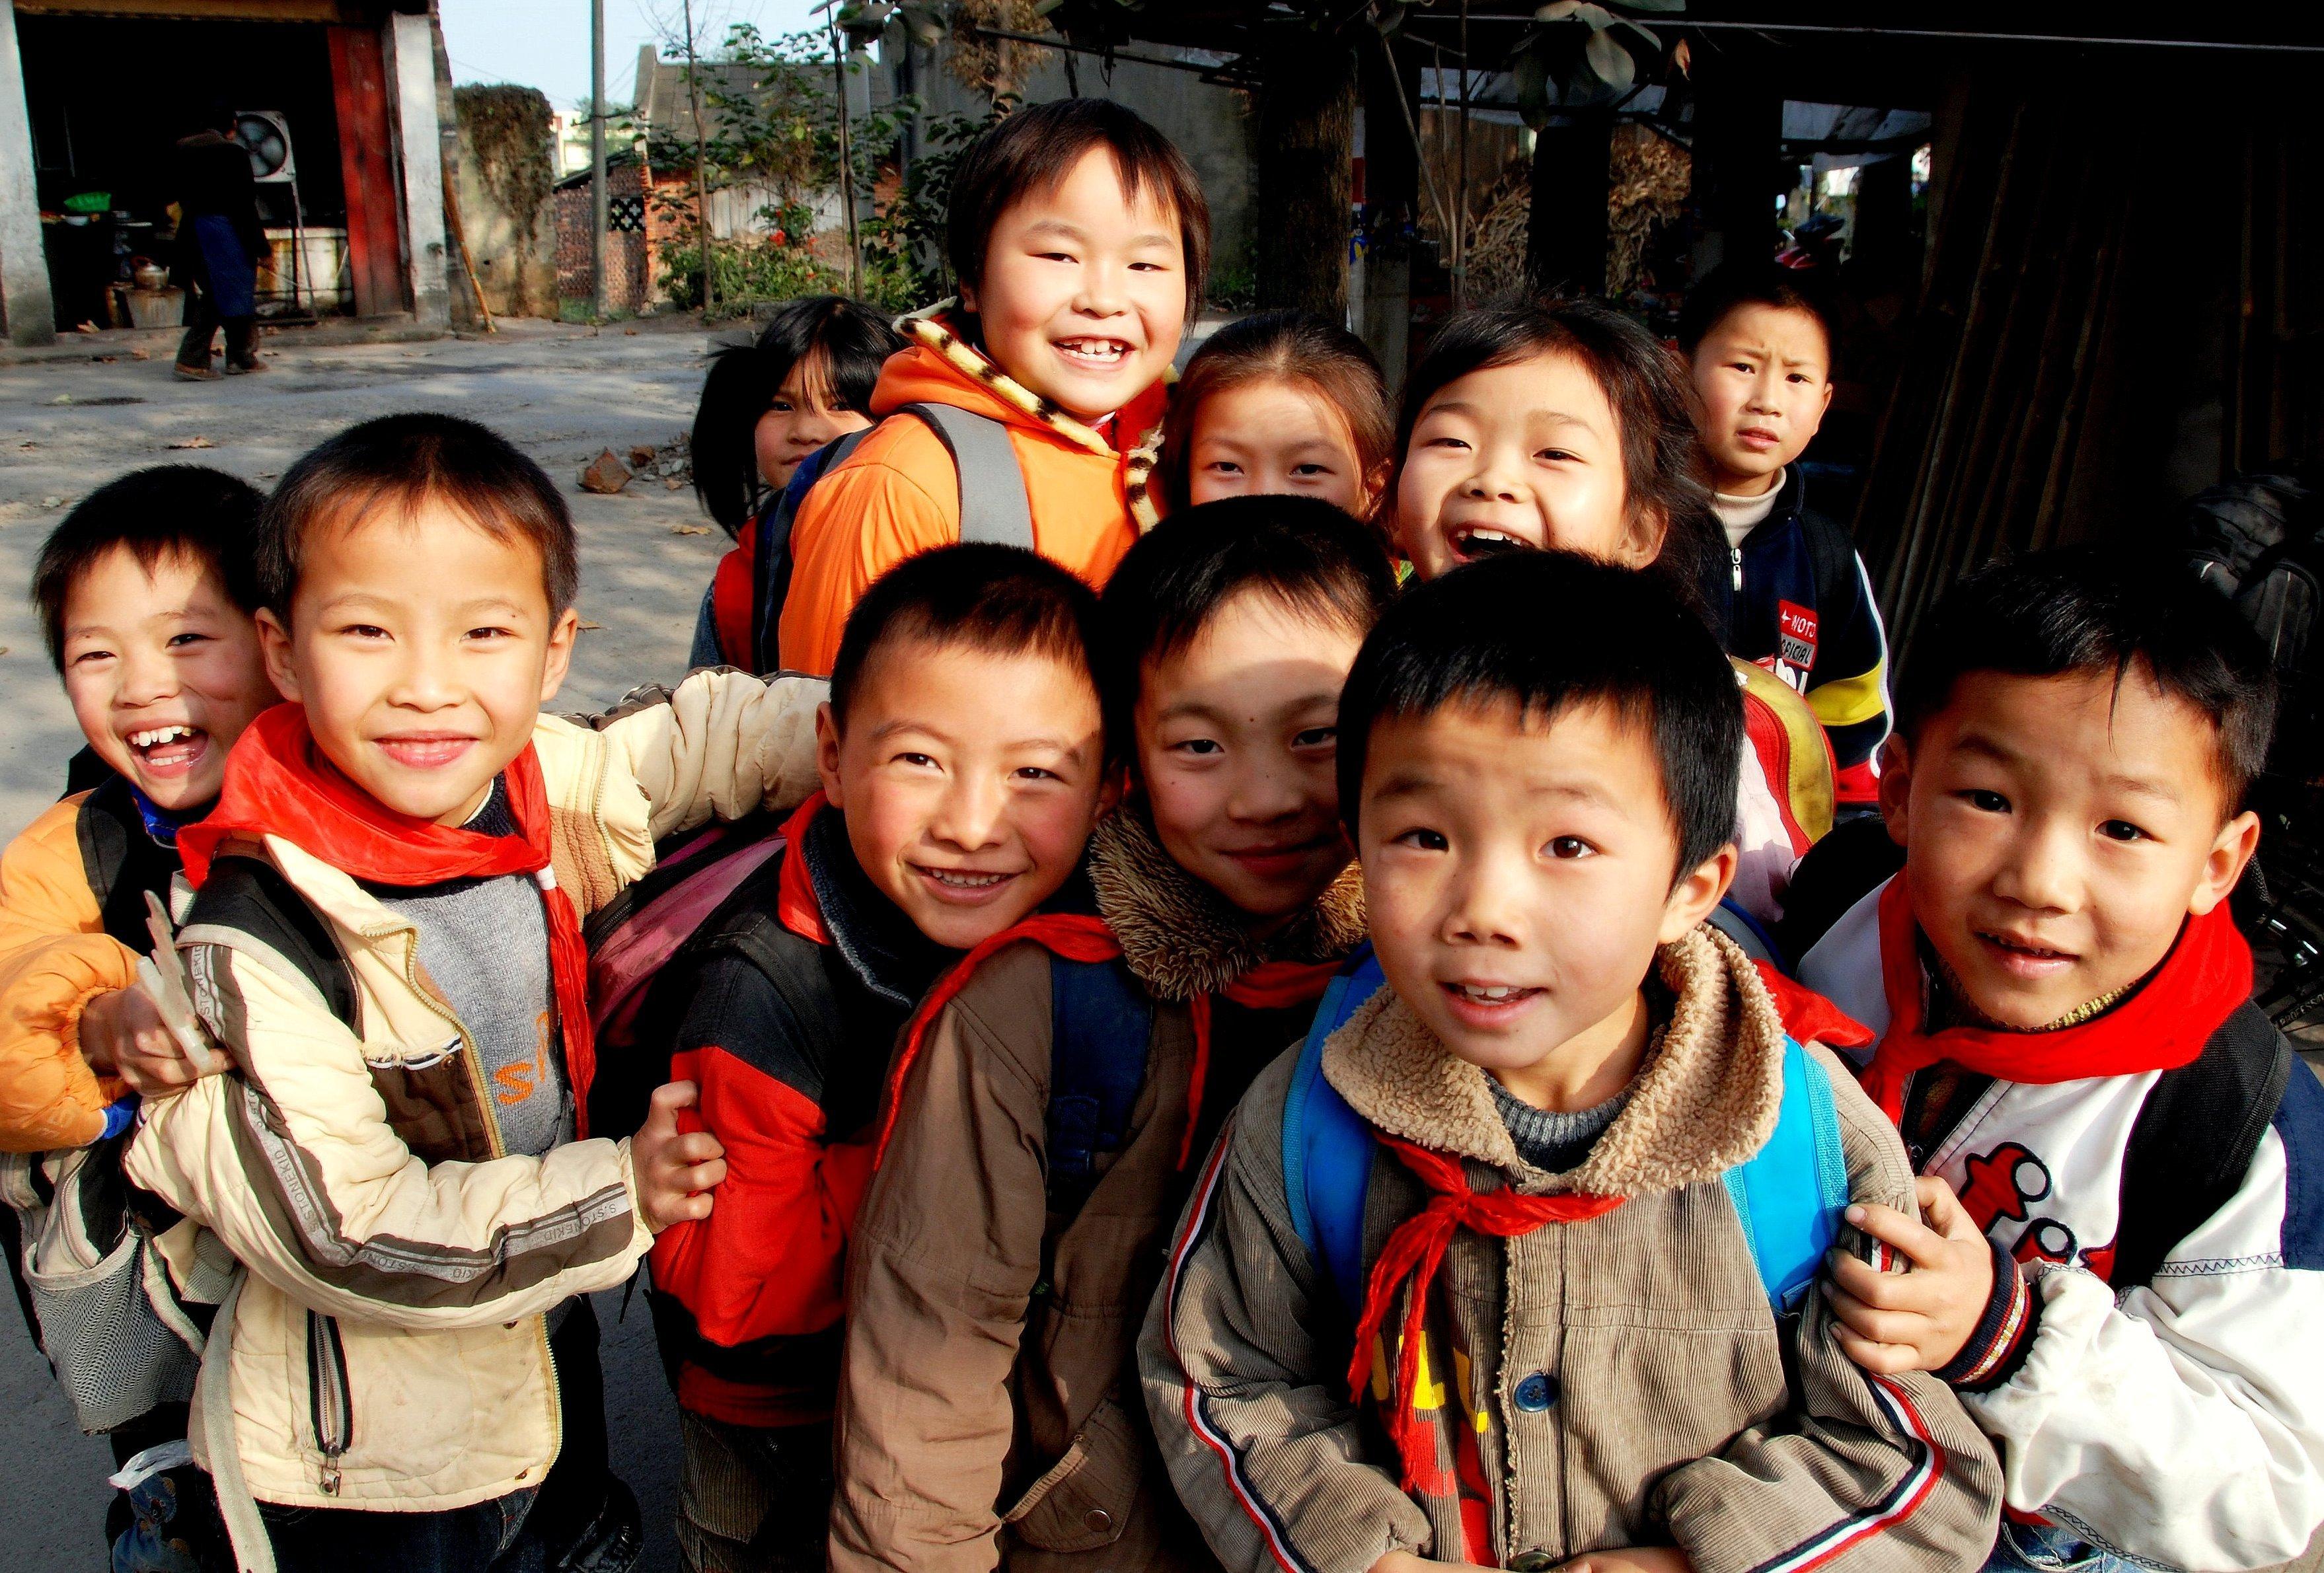 Chinese children (Shutterstock photo)